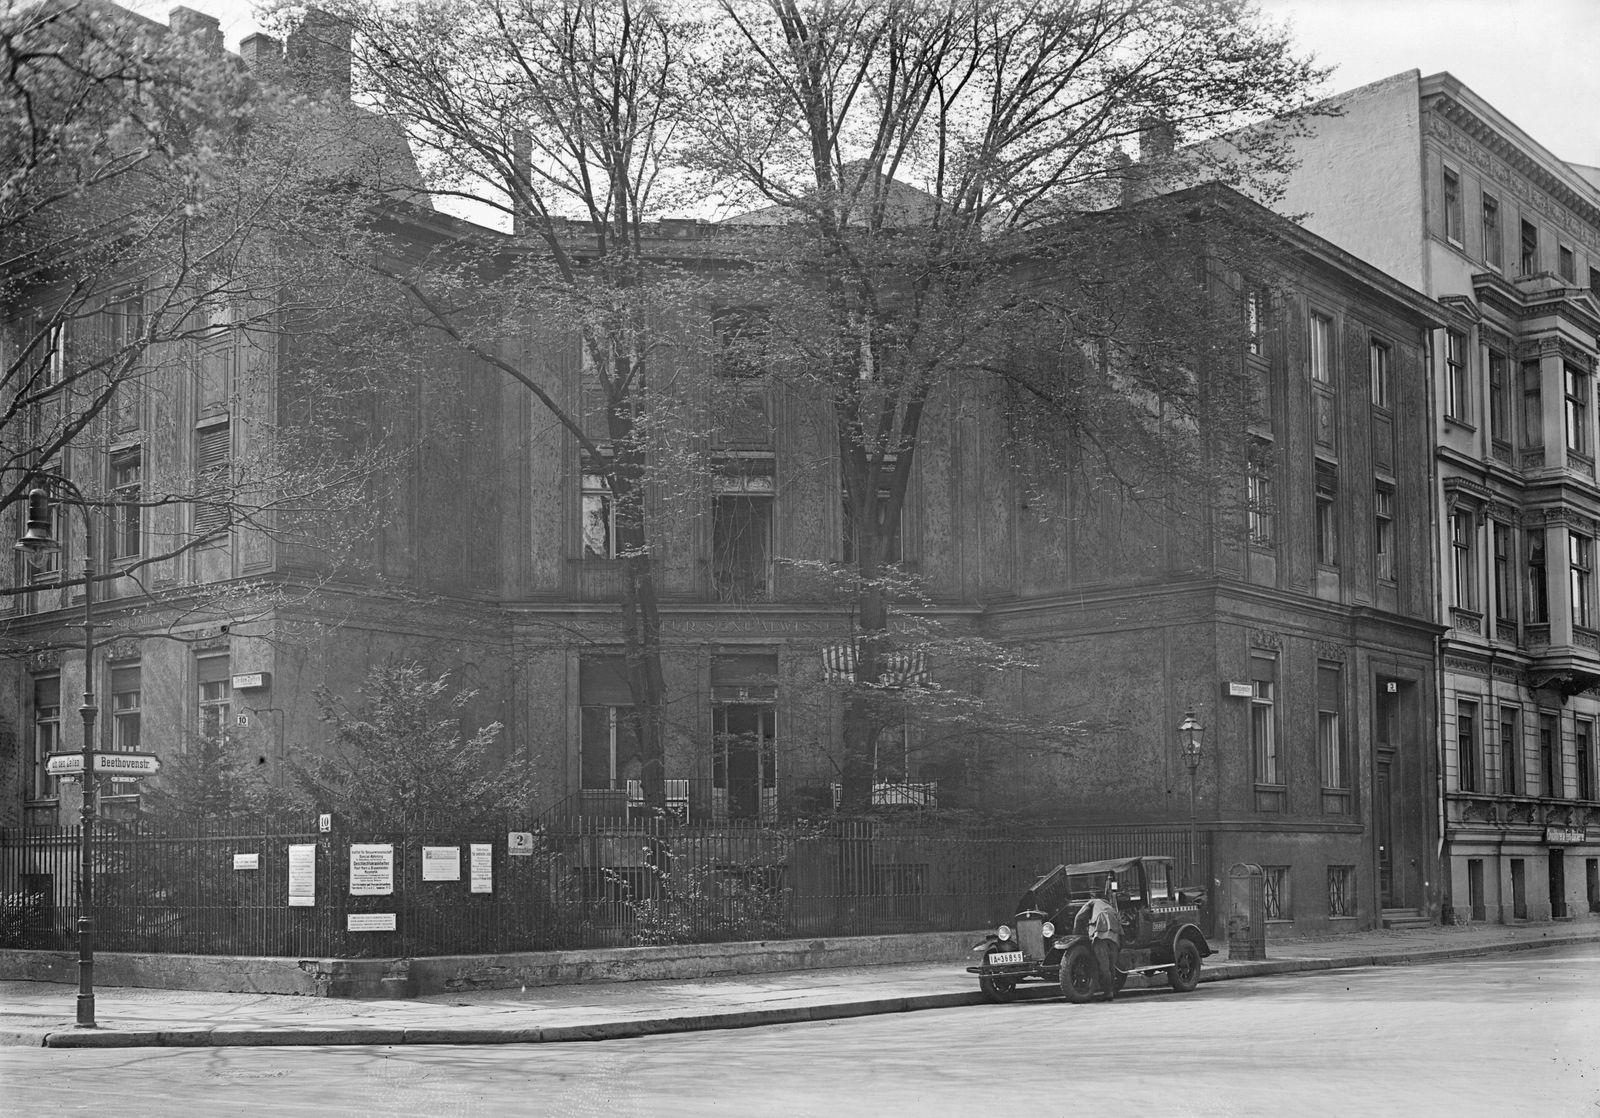 Berlin. Institut für Sexualwissenschaft, In den Zelten 10, das von Dr. Magnus Hirschfeld 1919 gegründet wurde